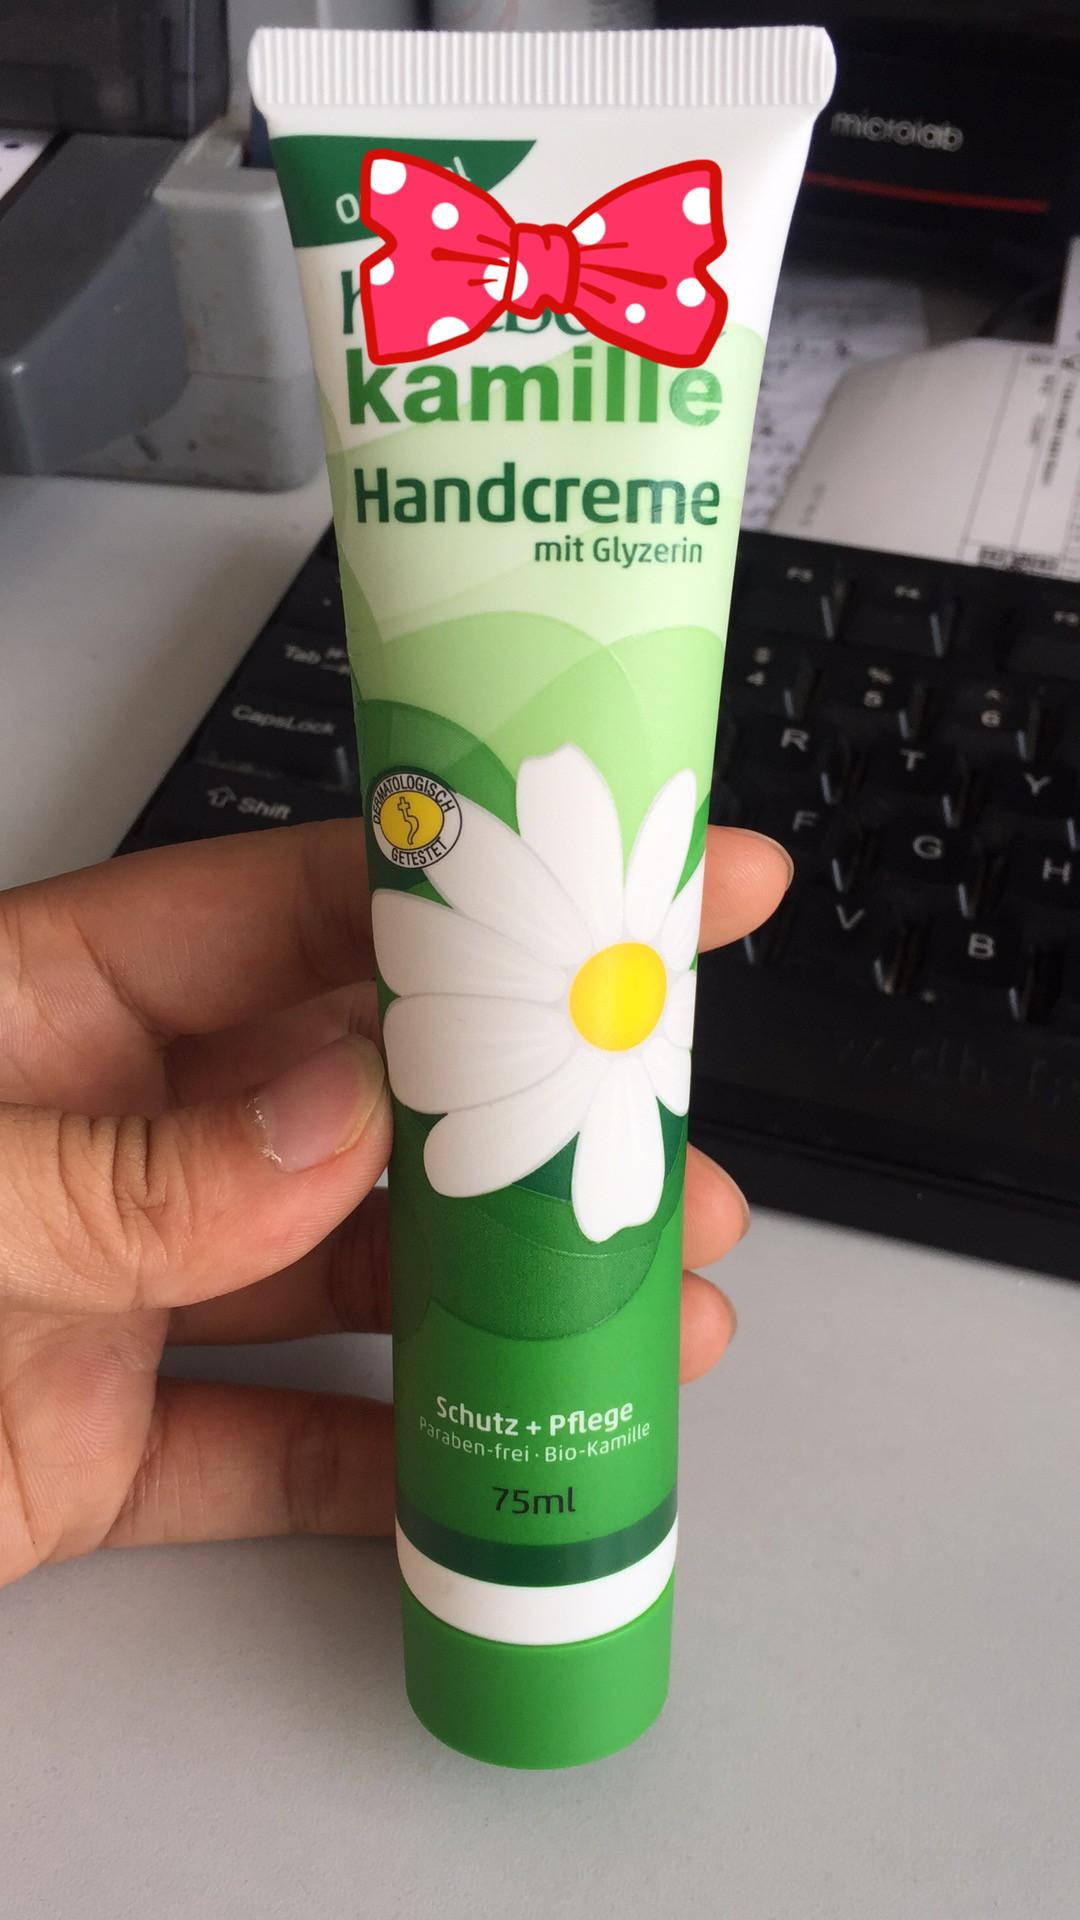 Поздравить ясно, германия небольшой сладкий хризантема классическая крем для рук 75ml увлажняющий малый хризантемы иностранных сладкий хризантема дейзи небольшой мандарин